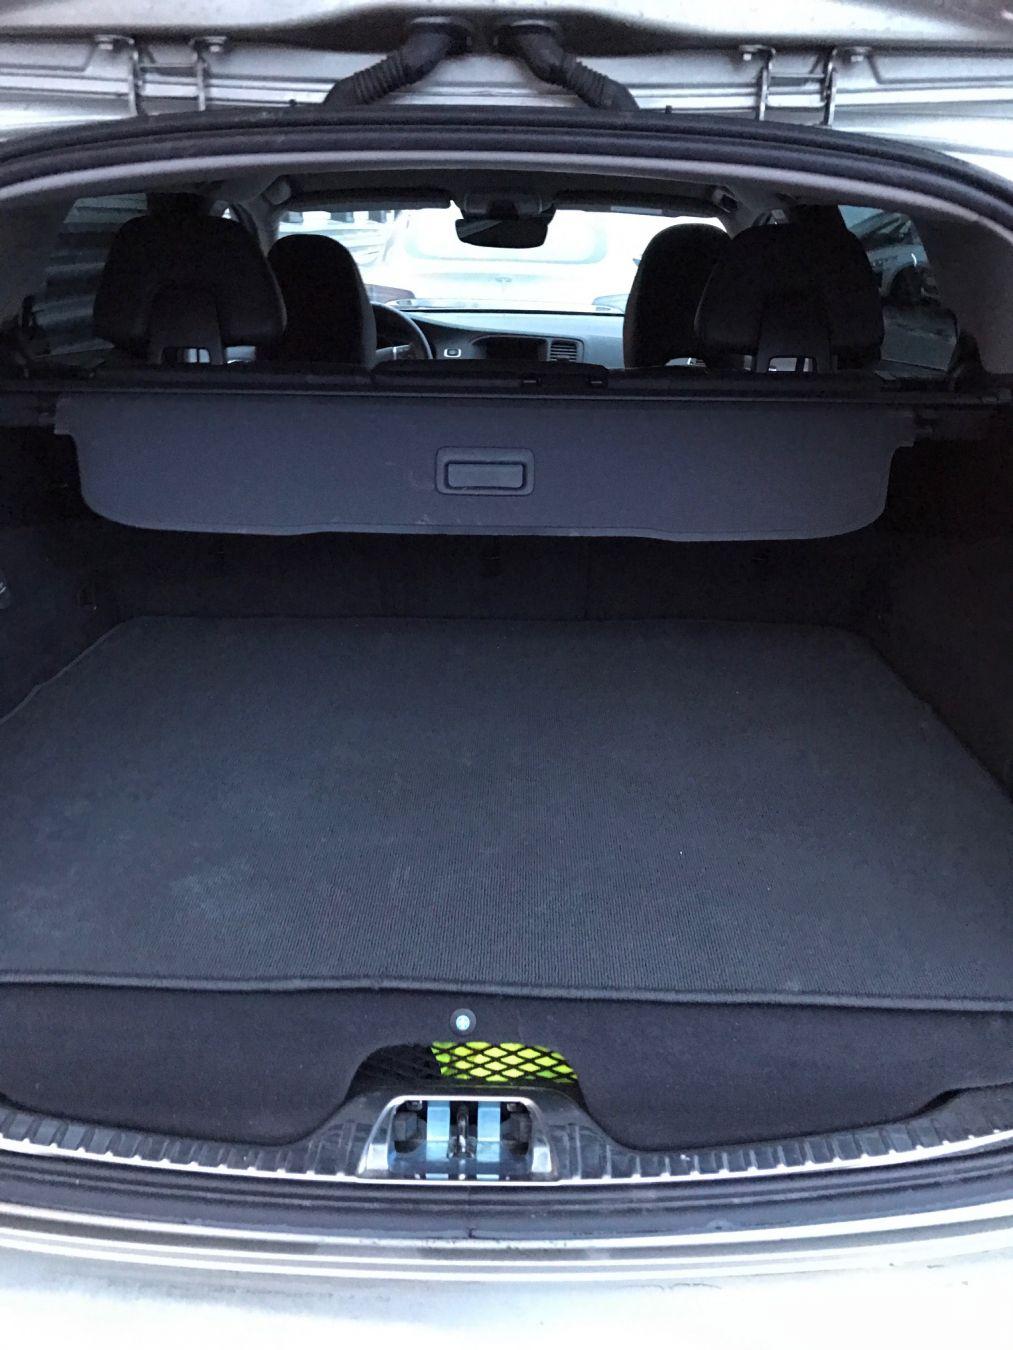 Høyere gulv for å gi plass til batterier gir mindre bagasjeplass. Foto: Rolf A. H. Gjerdsjø